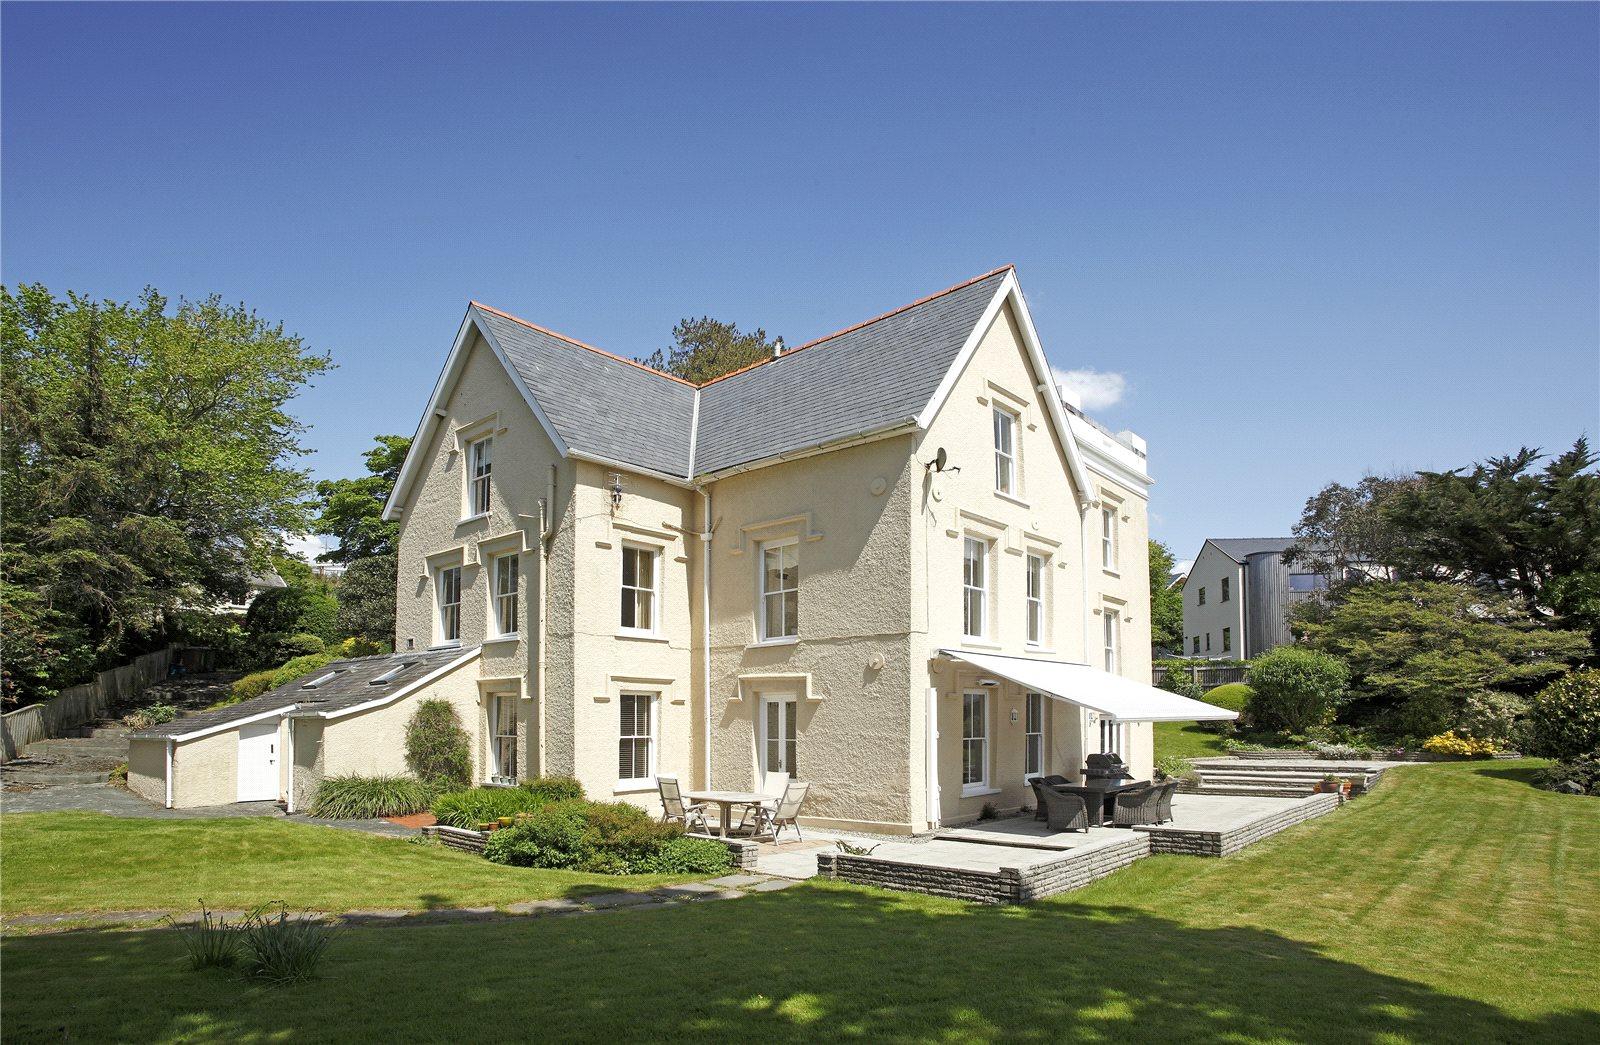 Single Family Home for Sale at Aberdovey, Gwynedd, LL35 Gwynedd, Wales